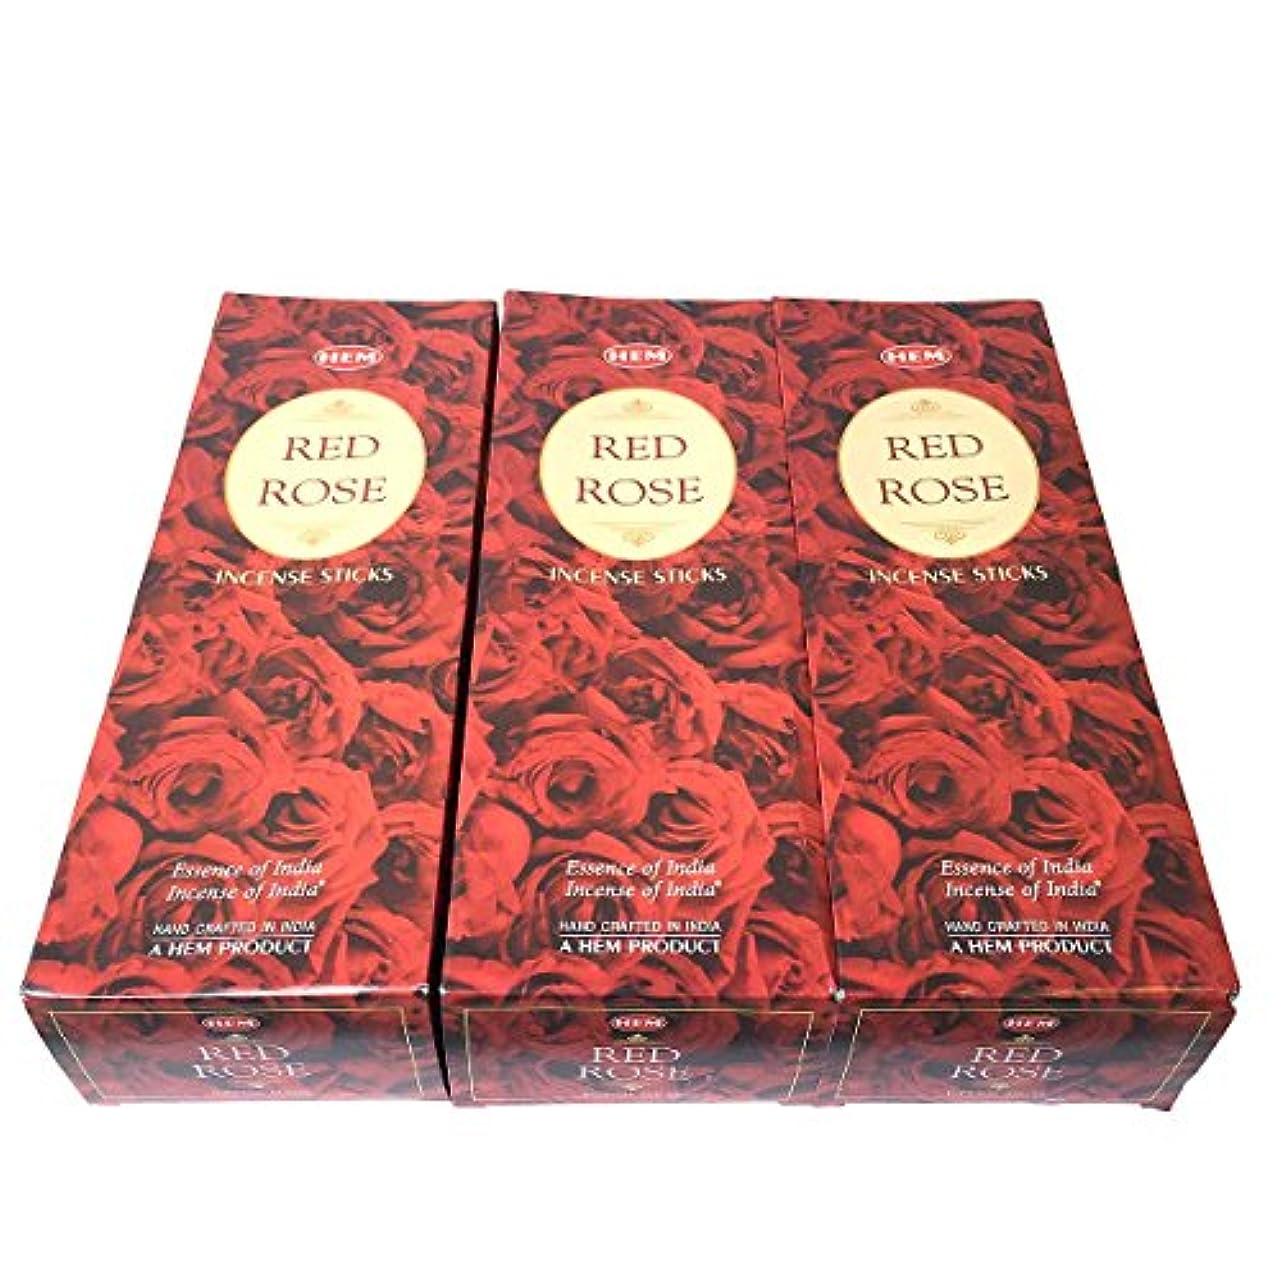 帽子回転する一族レッドローズ香スティック 3BOX(18箱) /HEM RED ROSE/インセンス/インド香 お香 [並行輸入品]